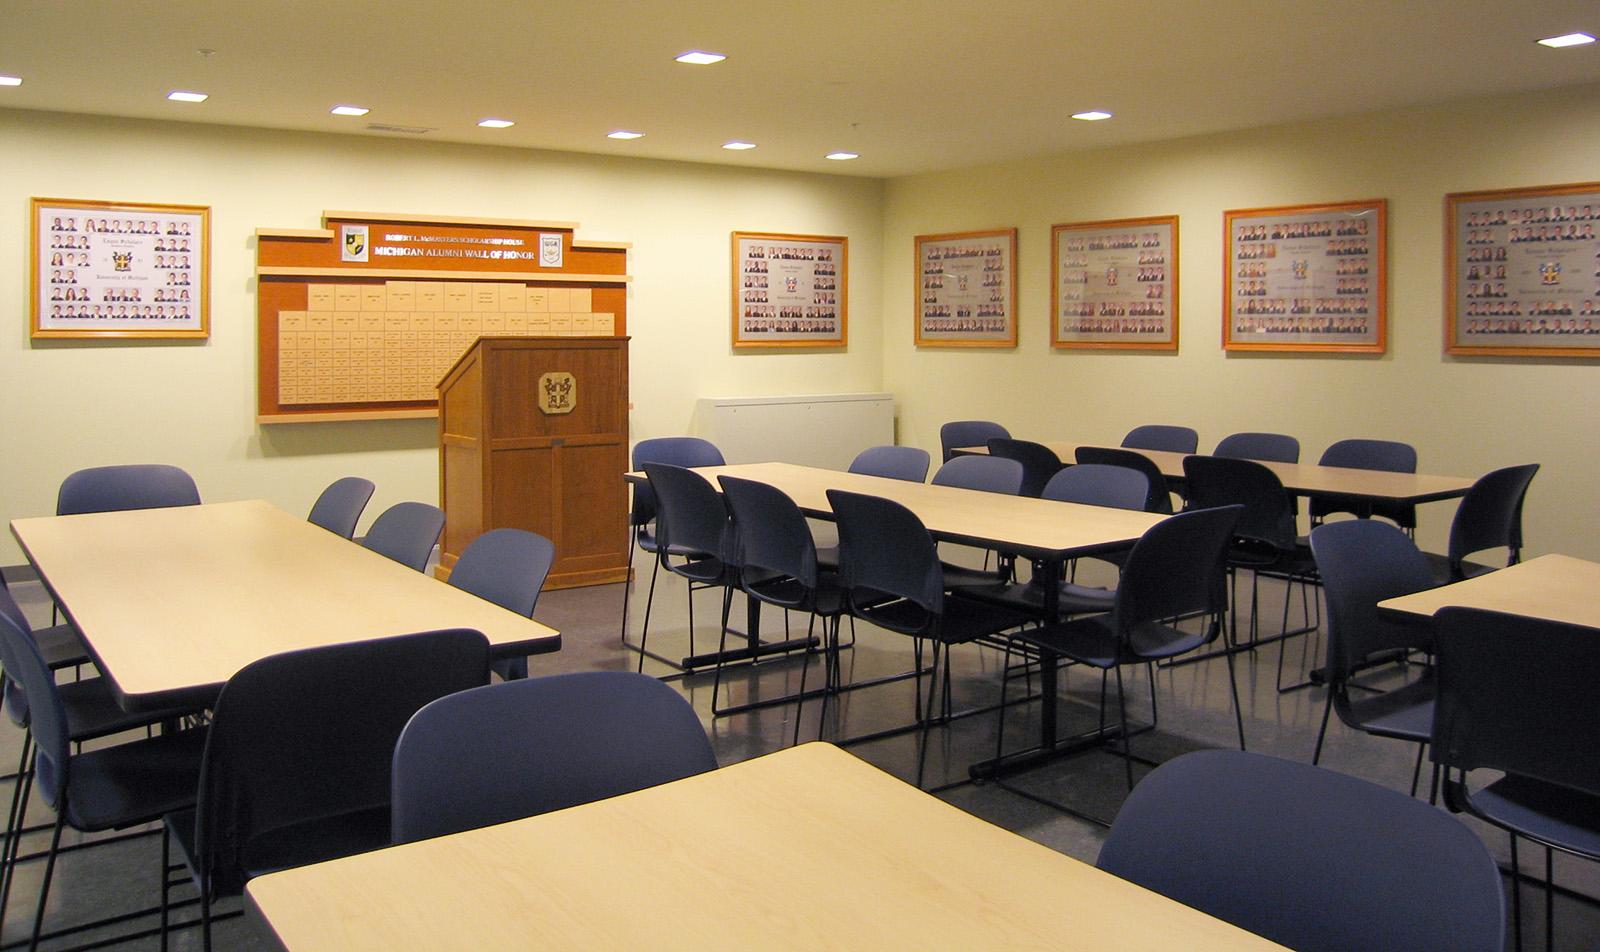 university-of-michigan-evans-scholars-meeting-room